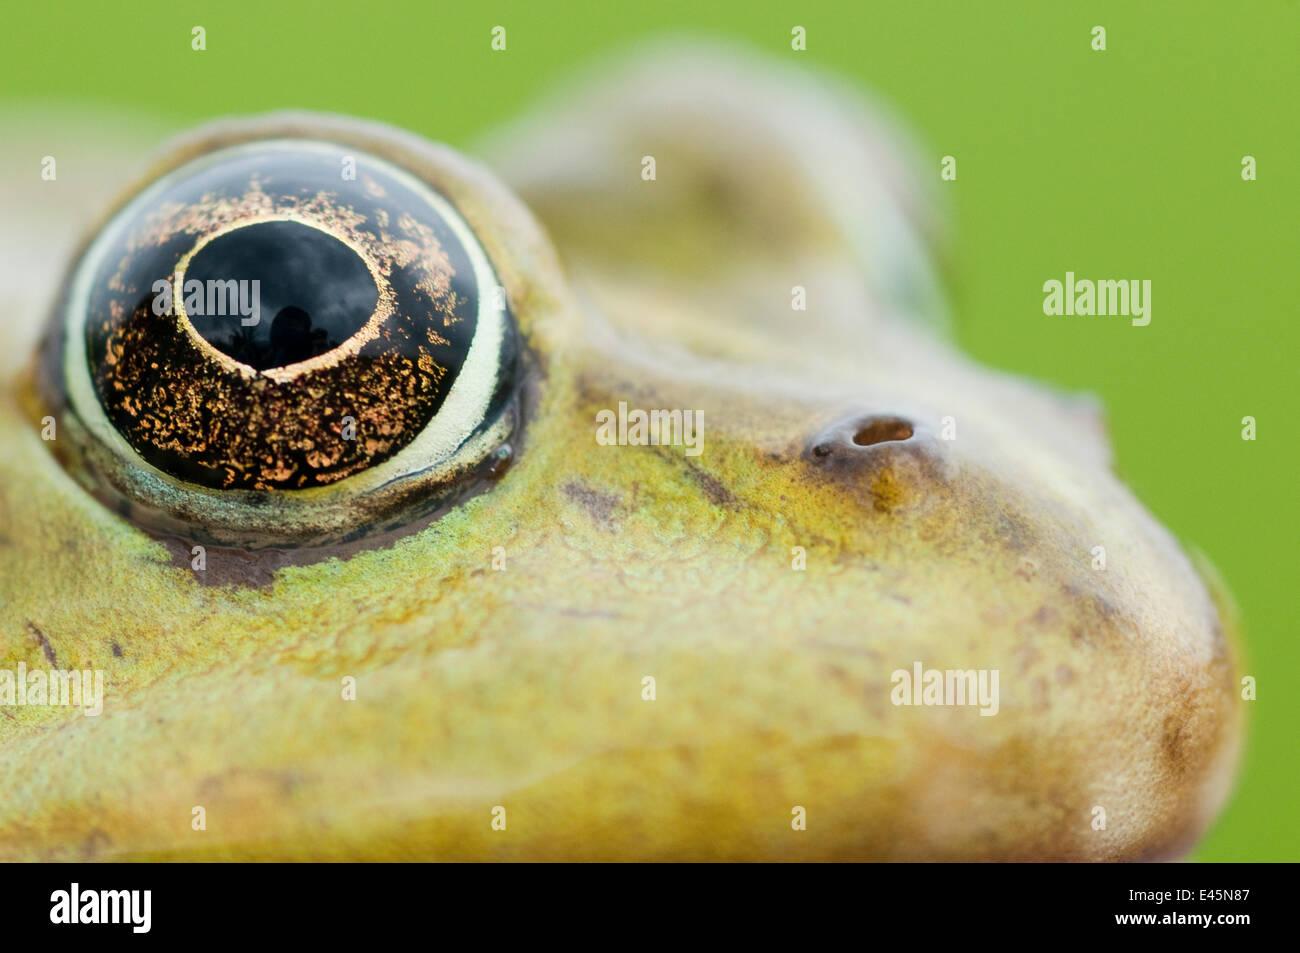 Europäische essbare Frosch (Rana Esculenta) Nahaufnahme des Kopfes zeigt Auge, Prypjat Gebiet, Weißrussland, Stockbild